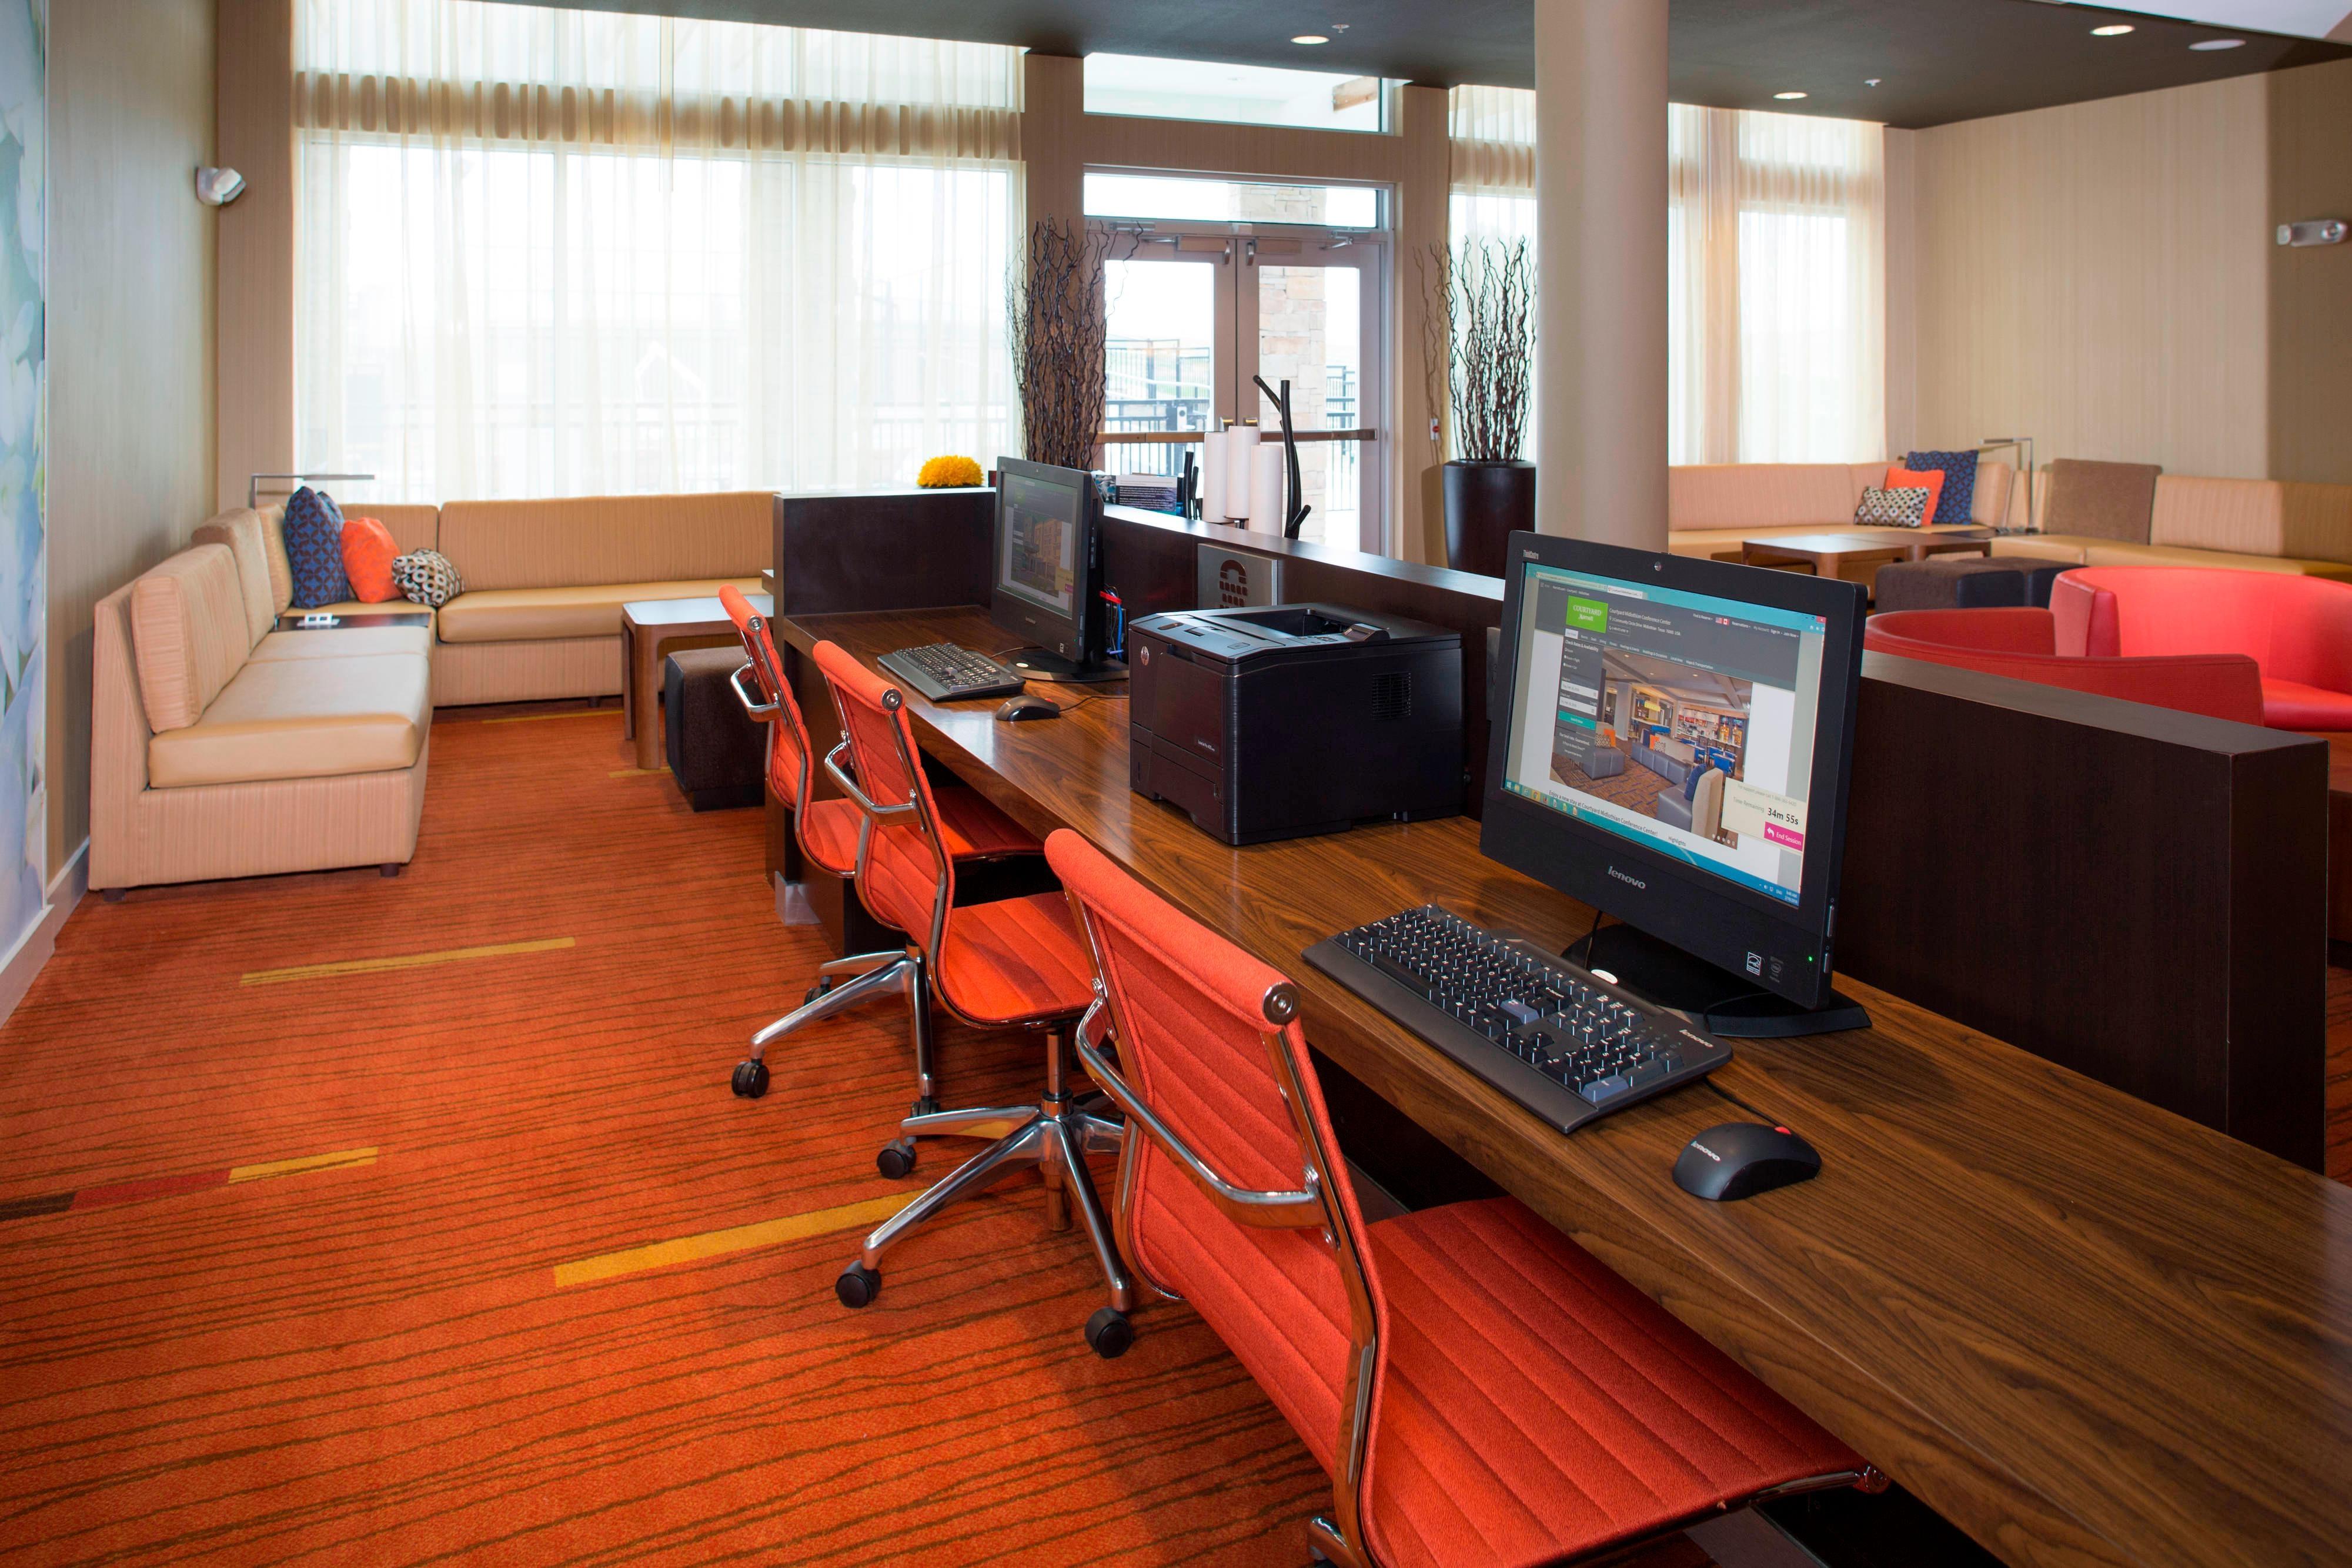 Midlothian hotel business center